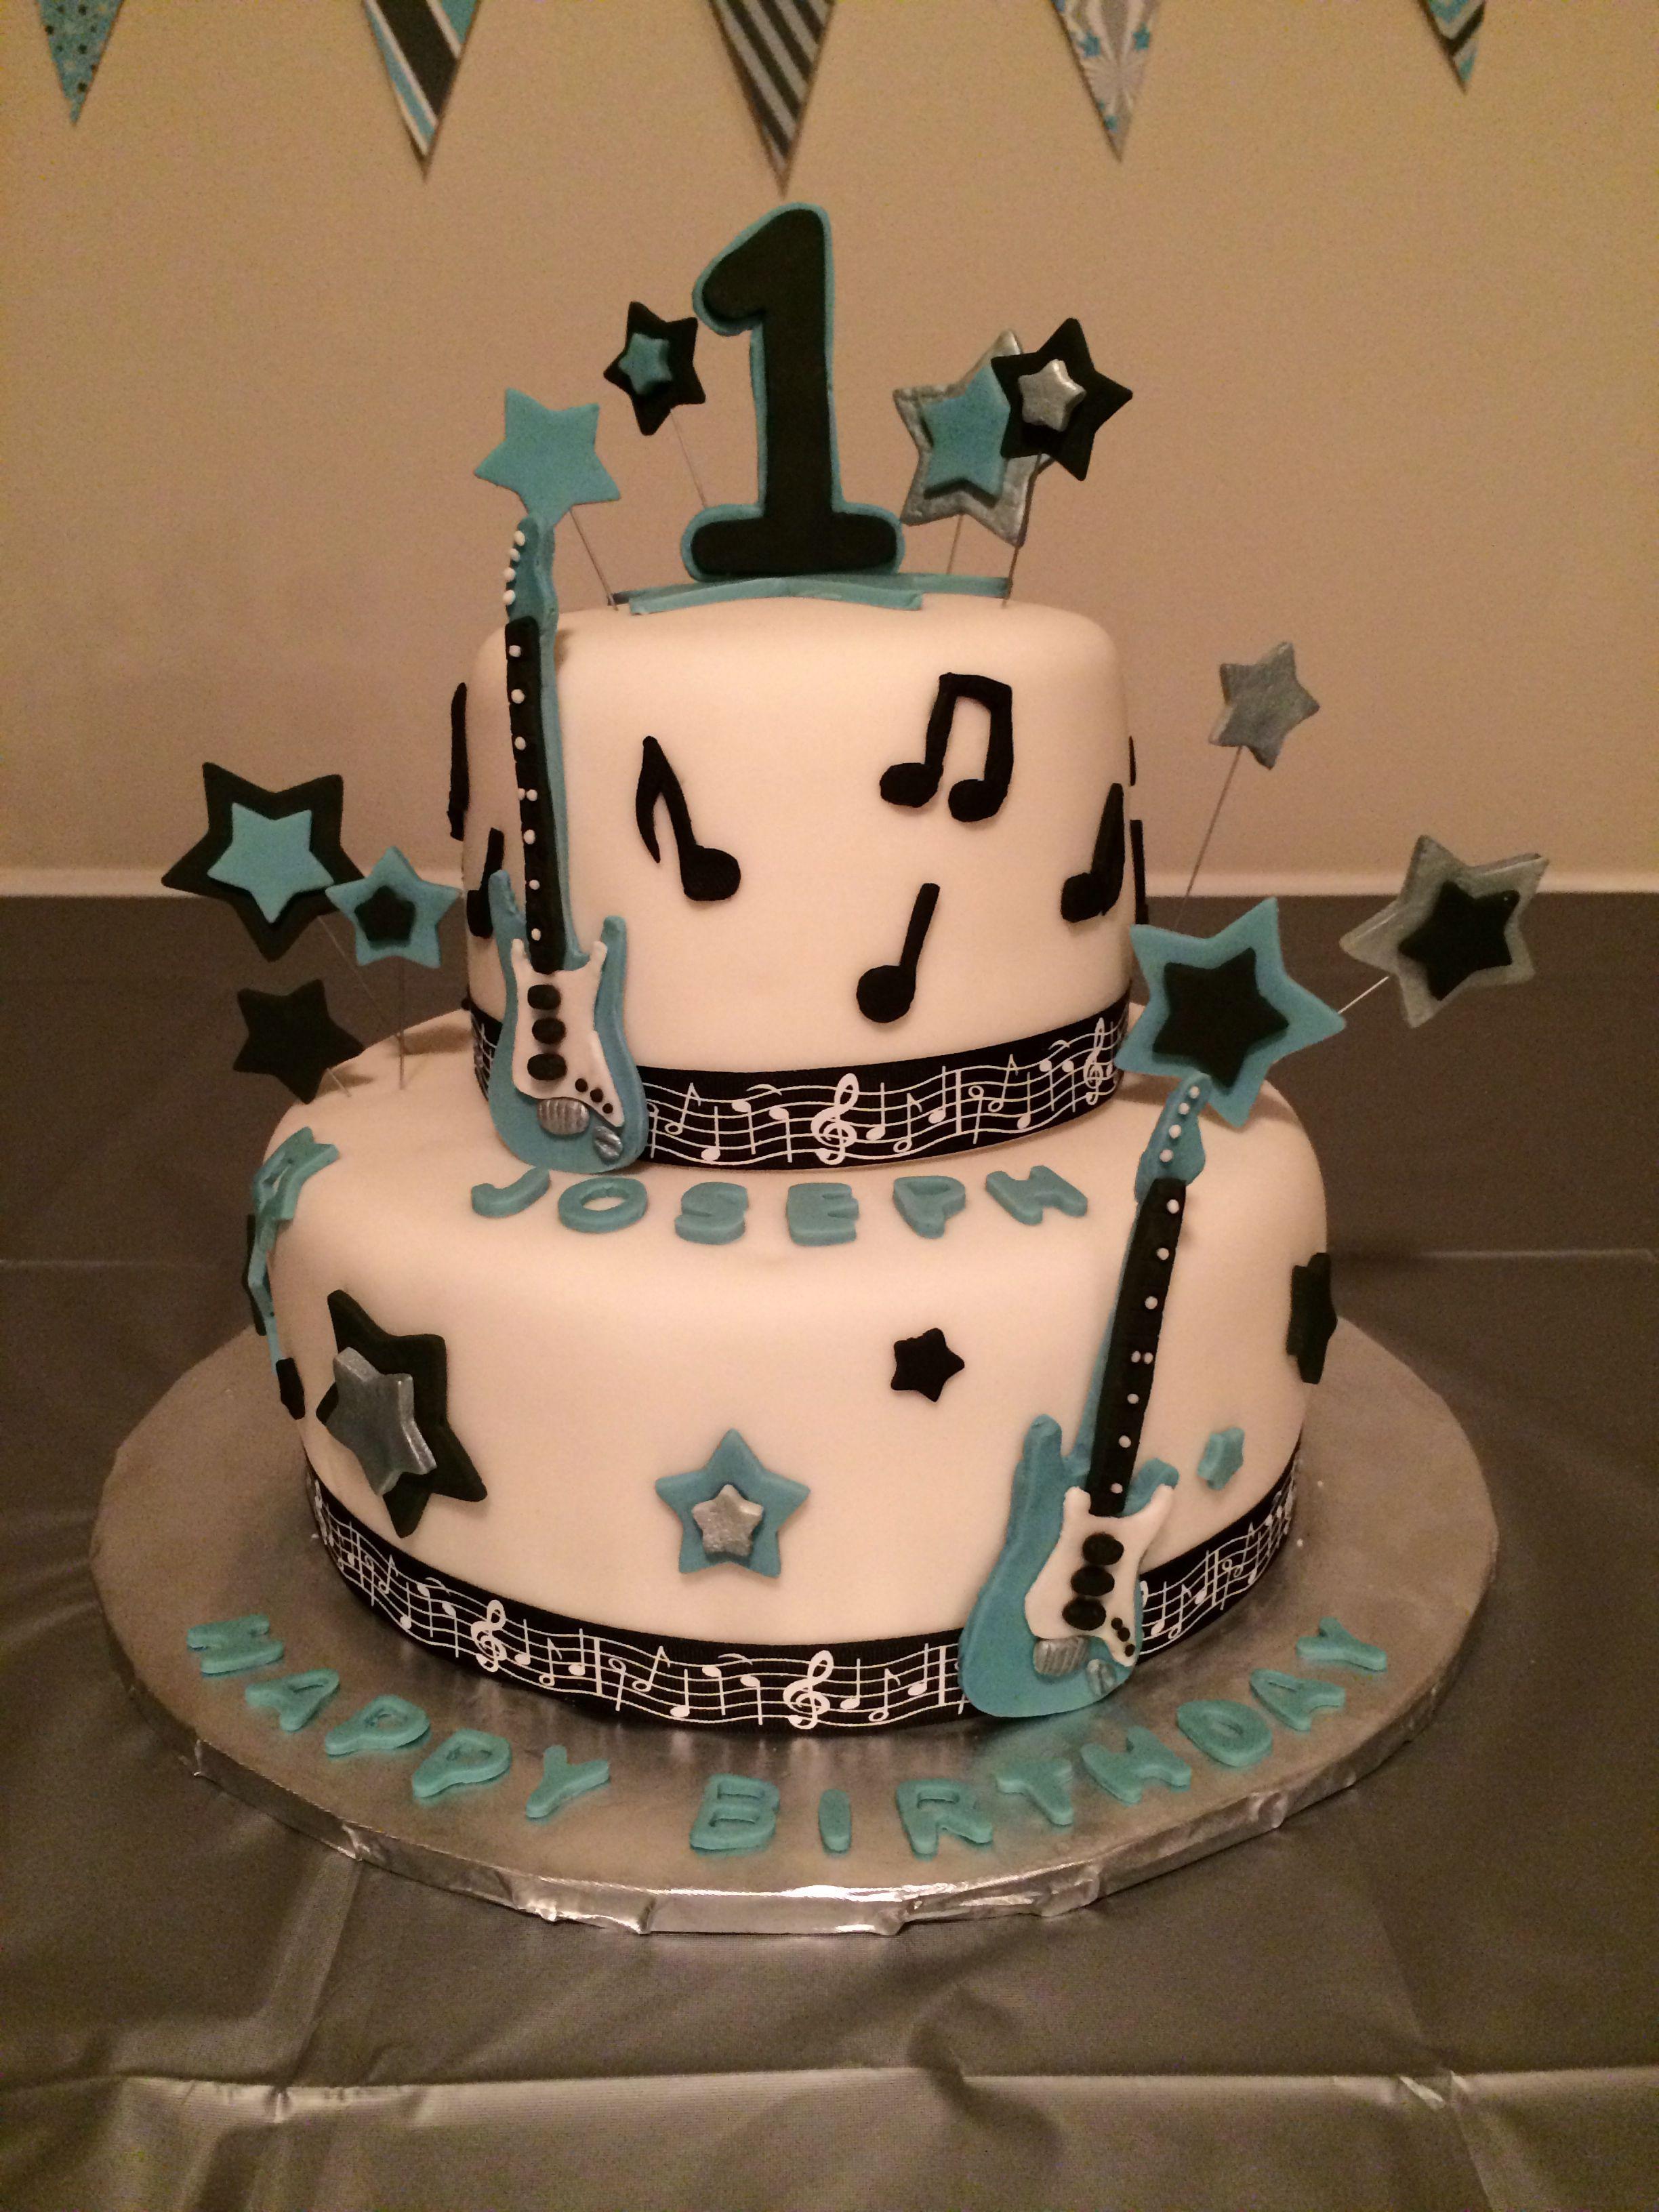 Rockstar Birthday Cake 1st Birthday Pinterest Birthday Cakes